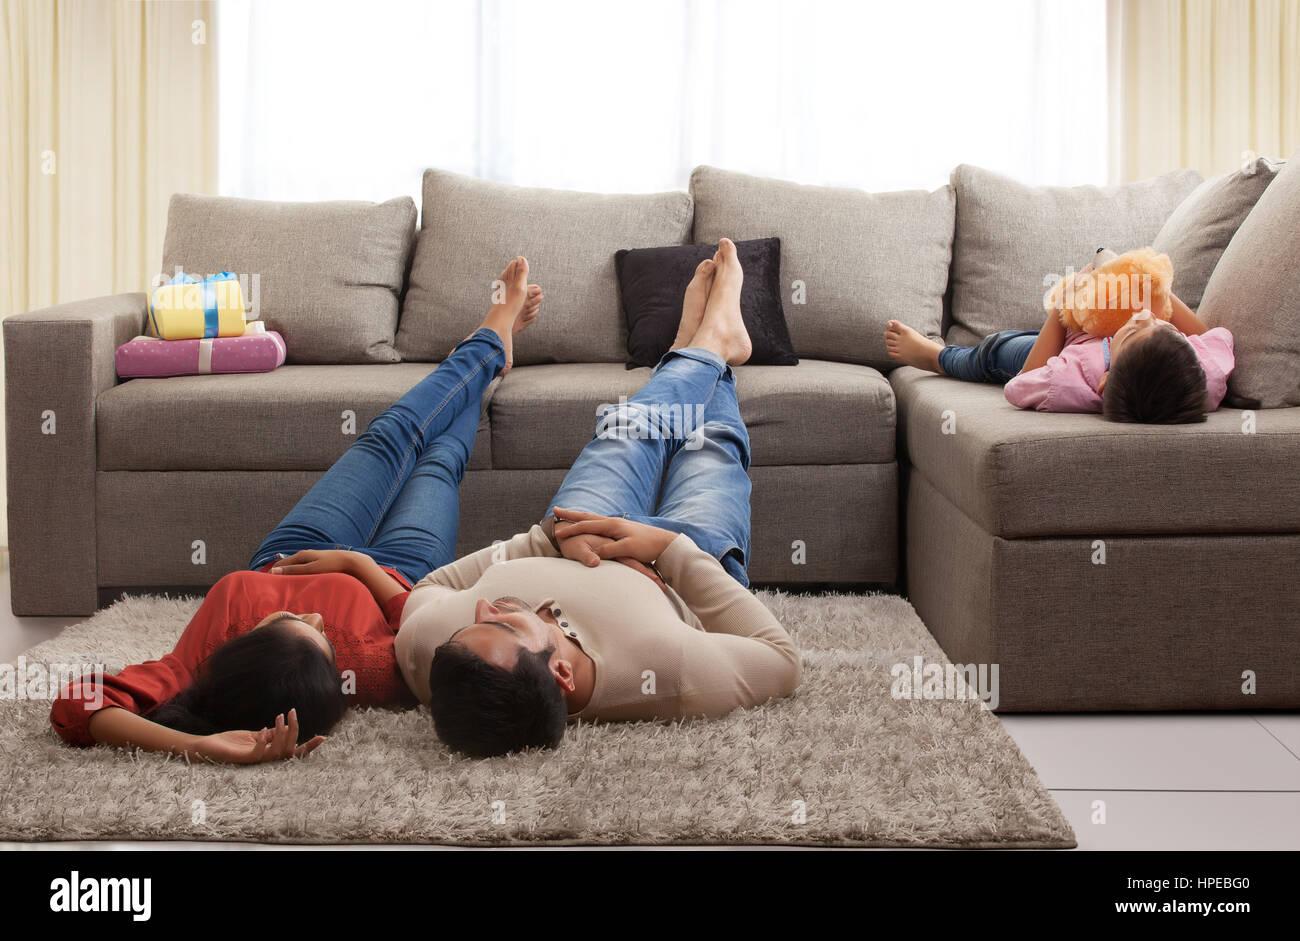 junges paar auf teppich auf dem boden jungen schlafen auf dem sofa liegend stockfoto bild. Black Bedroom Furniture Sets. Home Design Ideas